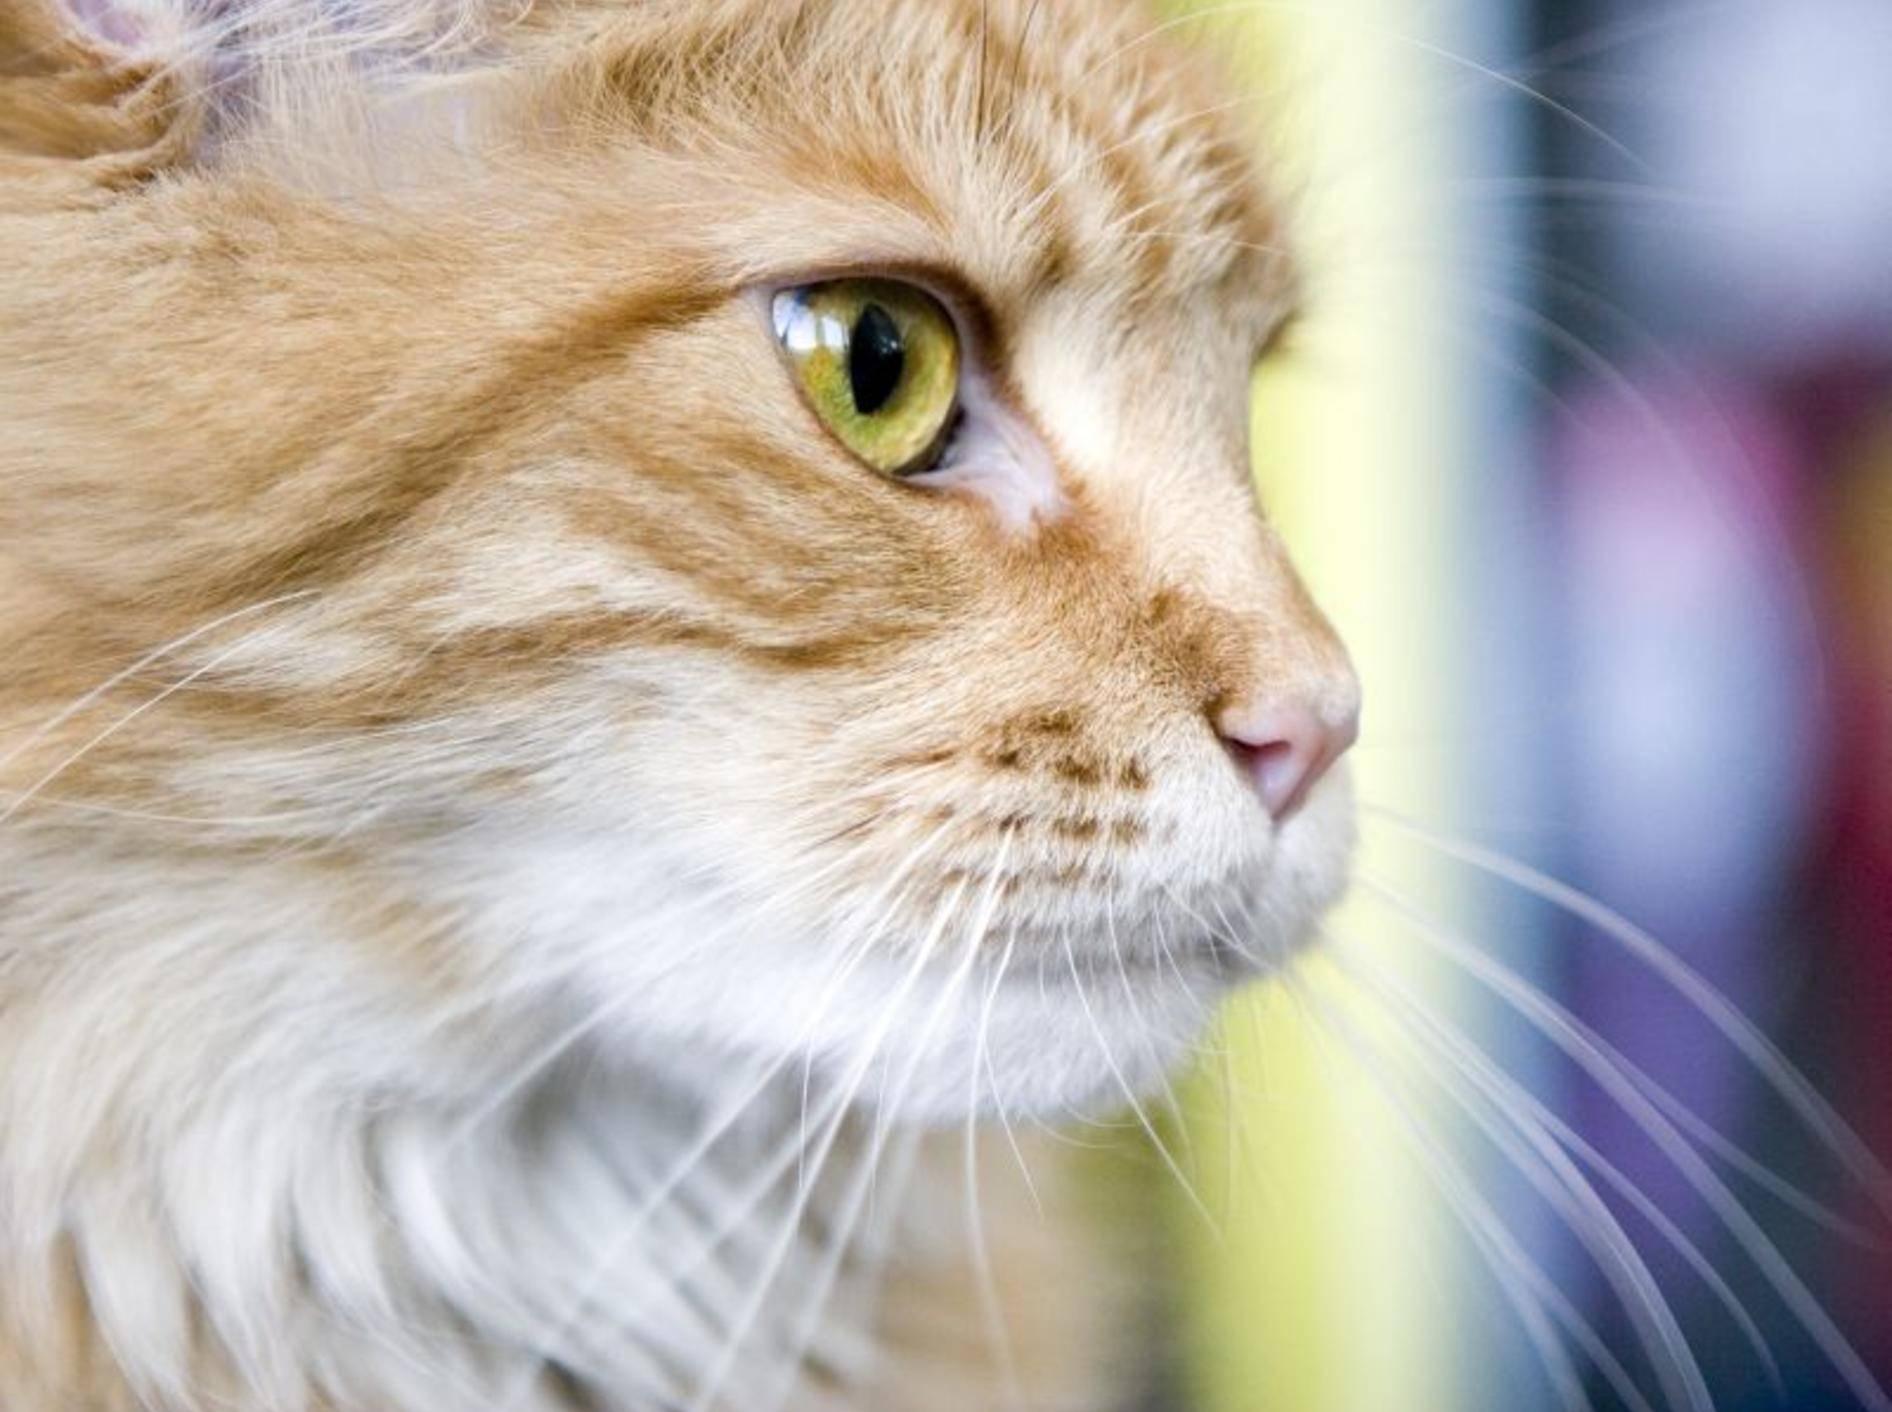 Schön und besonders: Die Maine-Coon-Katze – Bild: Shutterstock / Julia Pivovarova